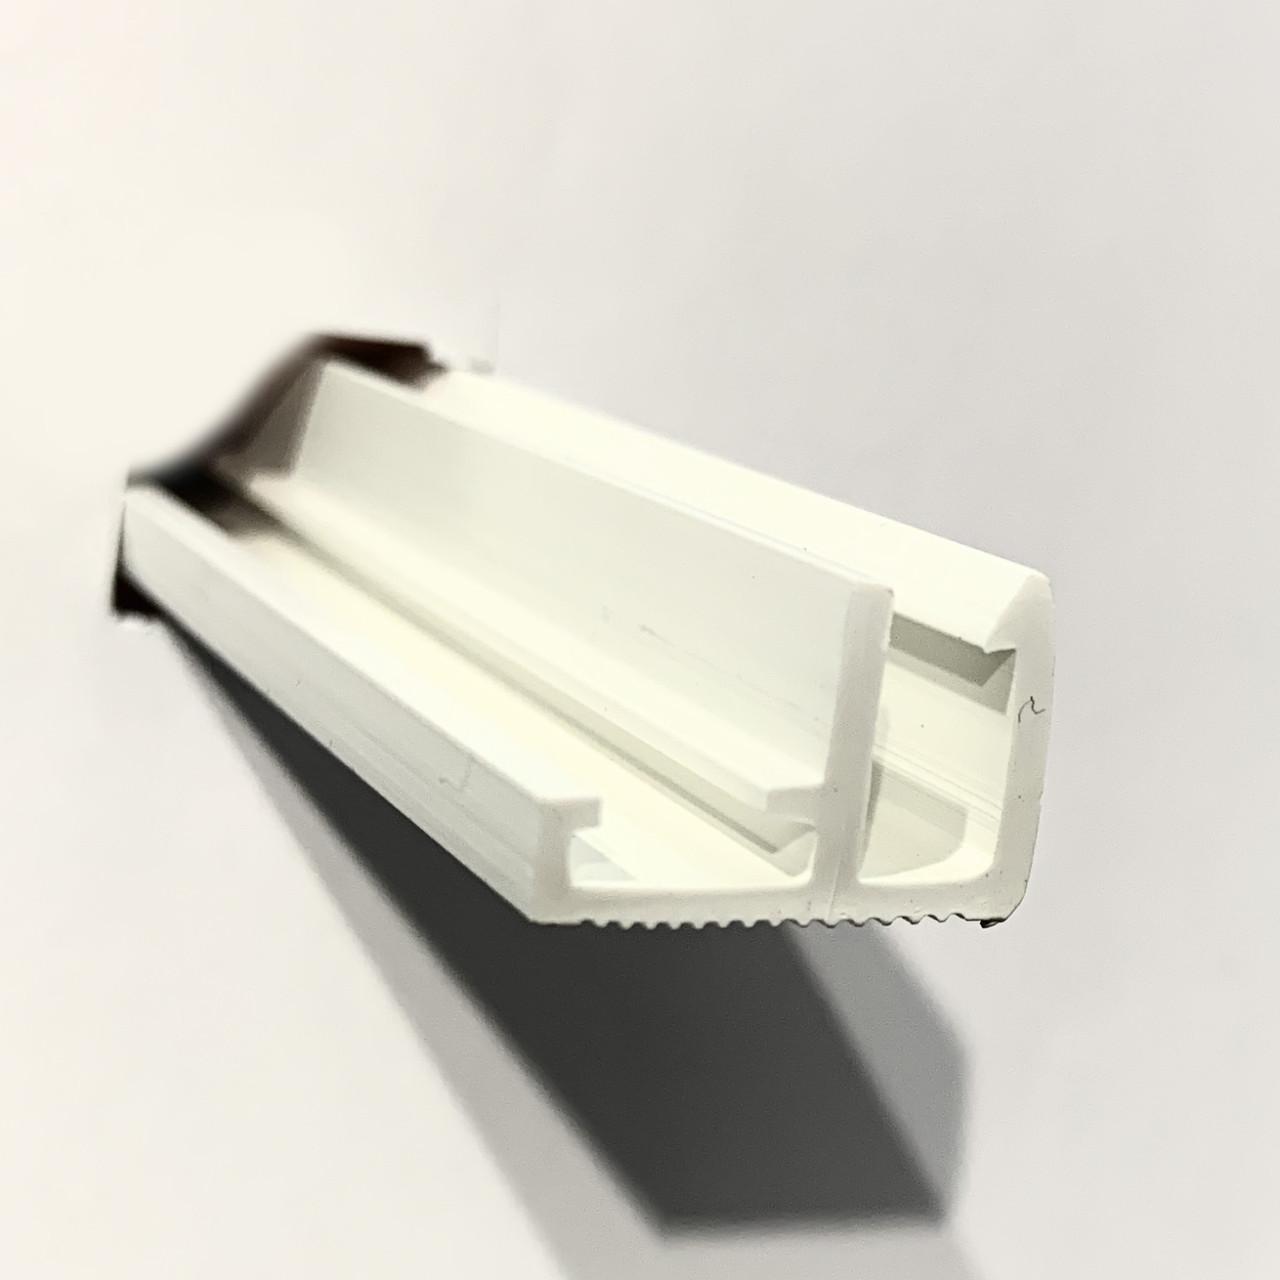 Профіль пластиковий для натяжних стель - СТЕЛЬОВИЙ. Довжина профілю 2 м.